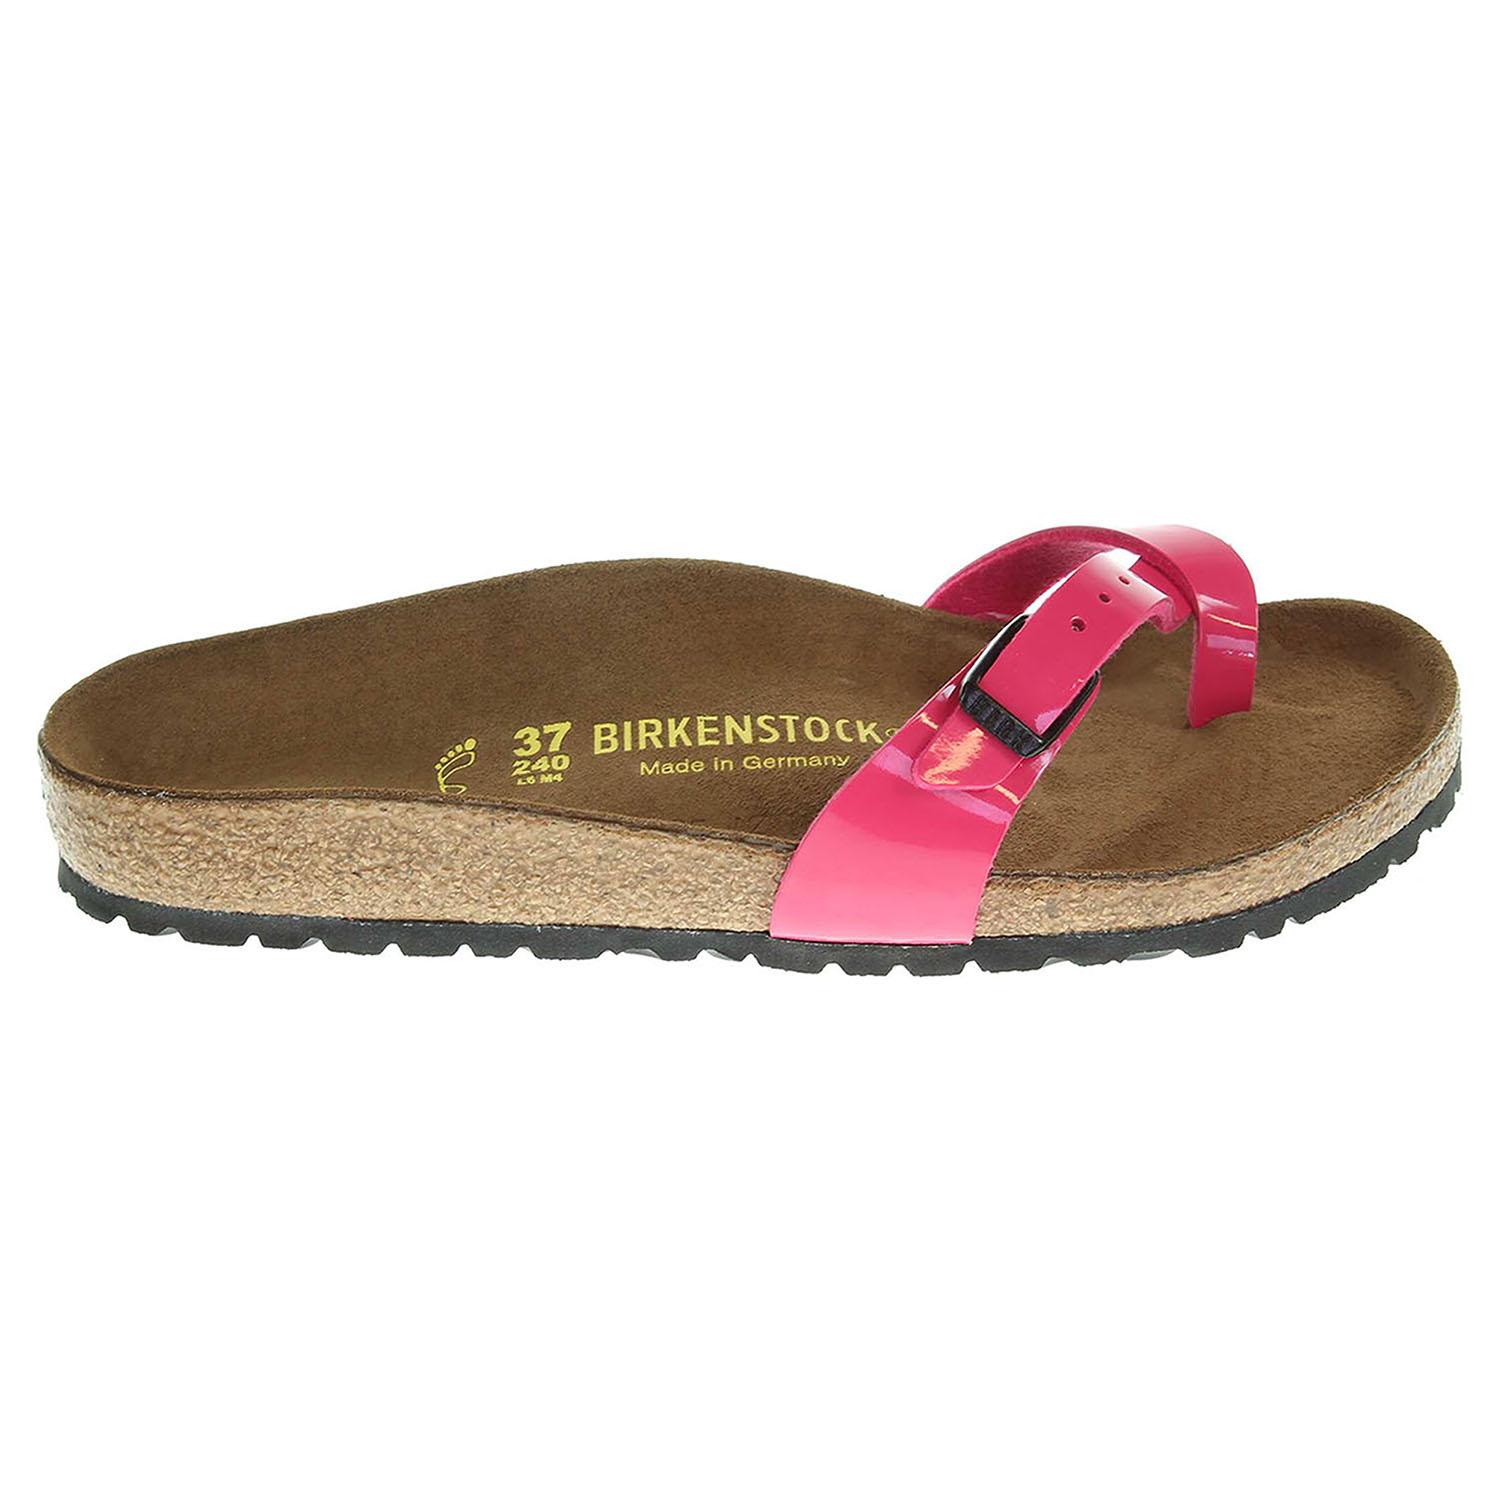 Birkenstock Piazza dámské pantofle 417221 růžové 41